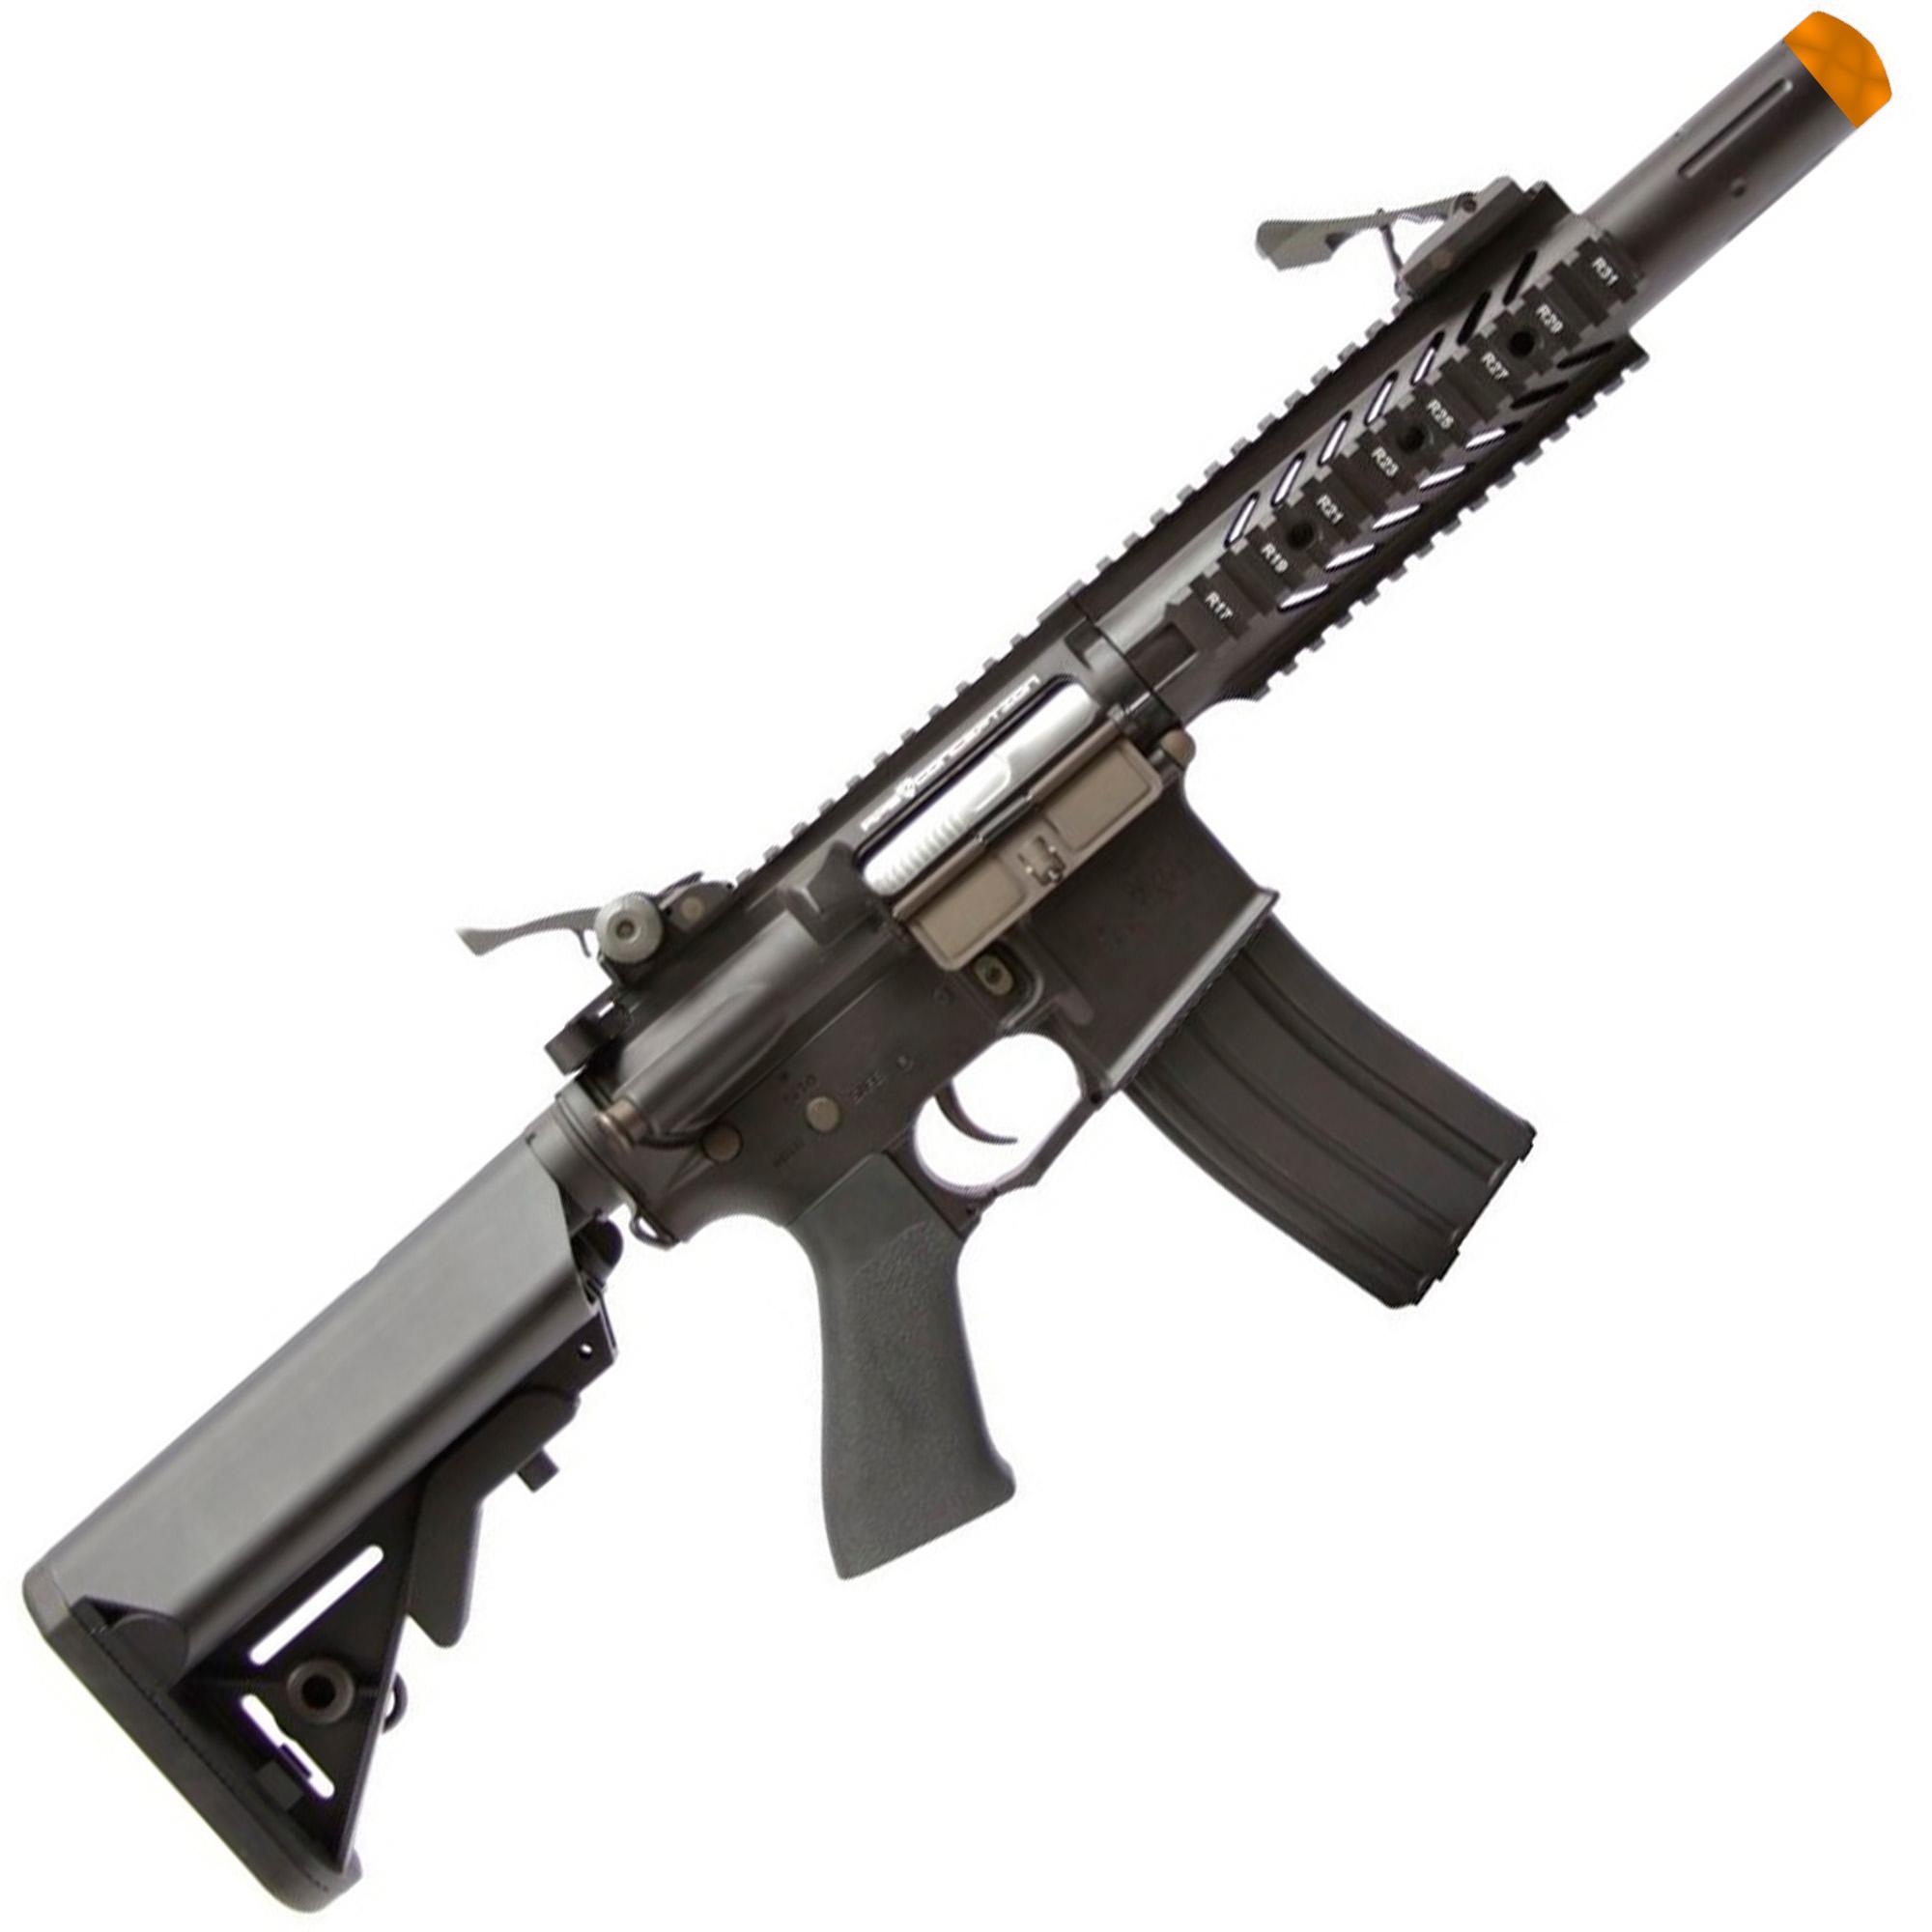 RIFLE DE AIRSOFT AEG M4 RAPTOR STYLE FULL METAL COM BLOWBACK ASR107 - APS